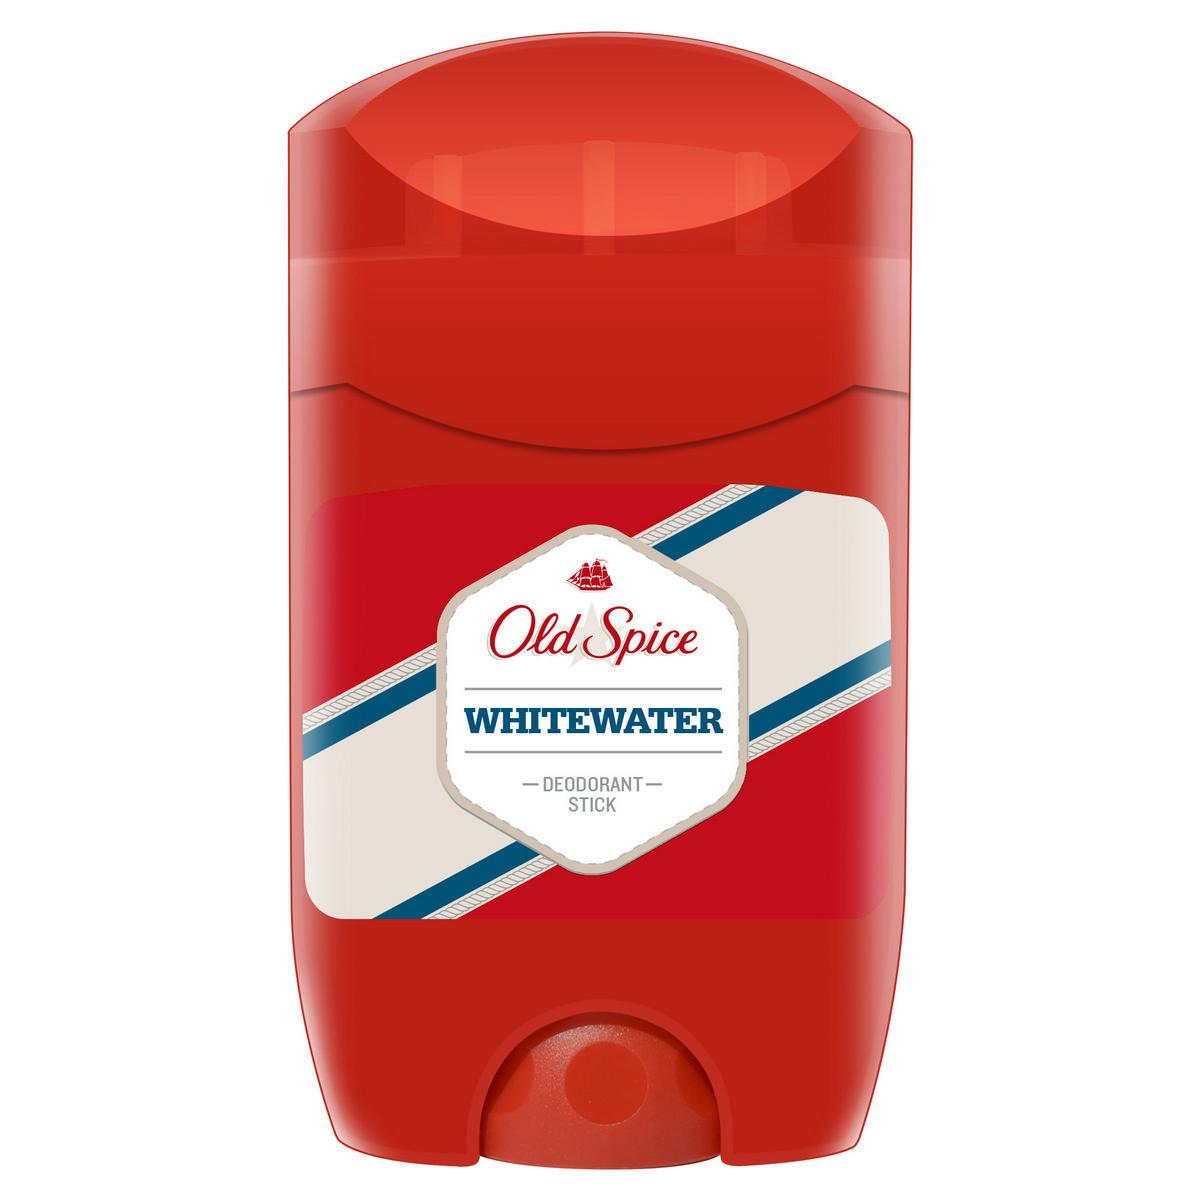 OLD SPICE Твердый дезодорант WhiteWater 50 млБ33041_шампунь-барбарис и липа, скраб -черная смородинаМногие считают, что вода - самый мощный элемент на земле. Считают-то, конечно, многие, но все они неправы, так как вода, во-первых, не элемент, а во-вторых, Уран – 235 куда как мощнее. Тем не менее, если верить ученым, Old Spice Whitewater обладает самым свежим запахом, и в этом они абсолютно правы. Ну, по крайней мере те, кто следит за собой. Дезодорант Old Spice поможет тебе избавиться от неприятного запаха. Попробуй Old Spice уже сегодня и докажи, что его аромат — тот самый секретный компонент эликсира мужественности.